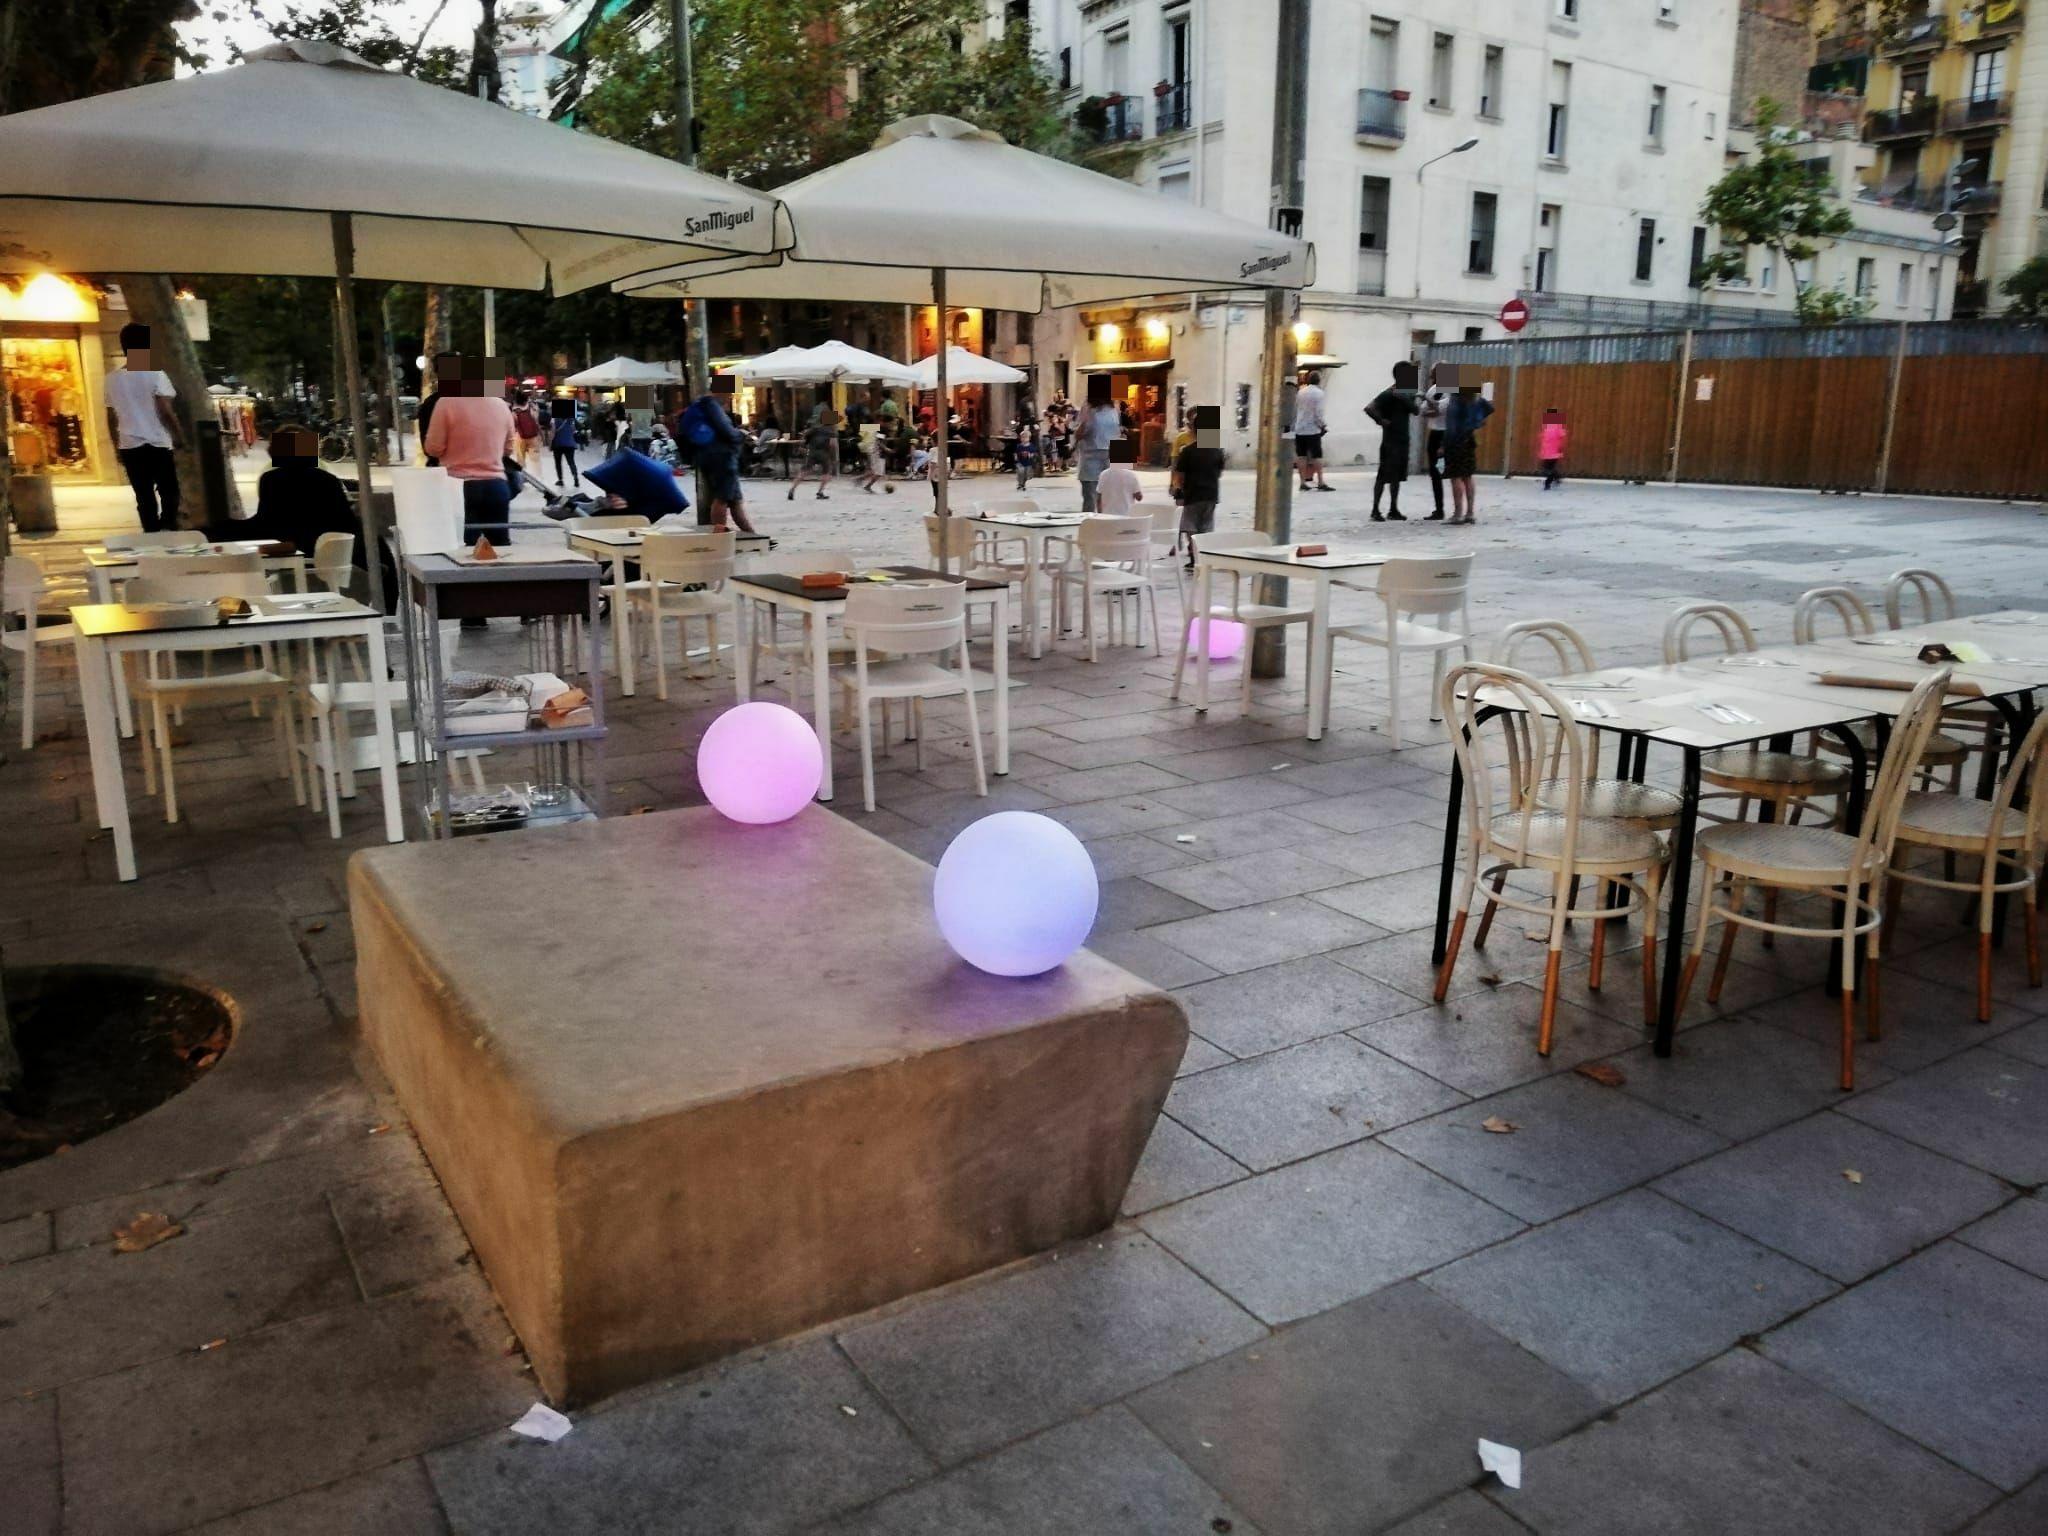 Plaça de Sant Bernat Calbó, 6 - permís EXTRAORDINARI per 6 taules, i OKUPA tota la plaça, el bancs públics també !!!!